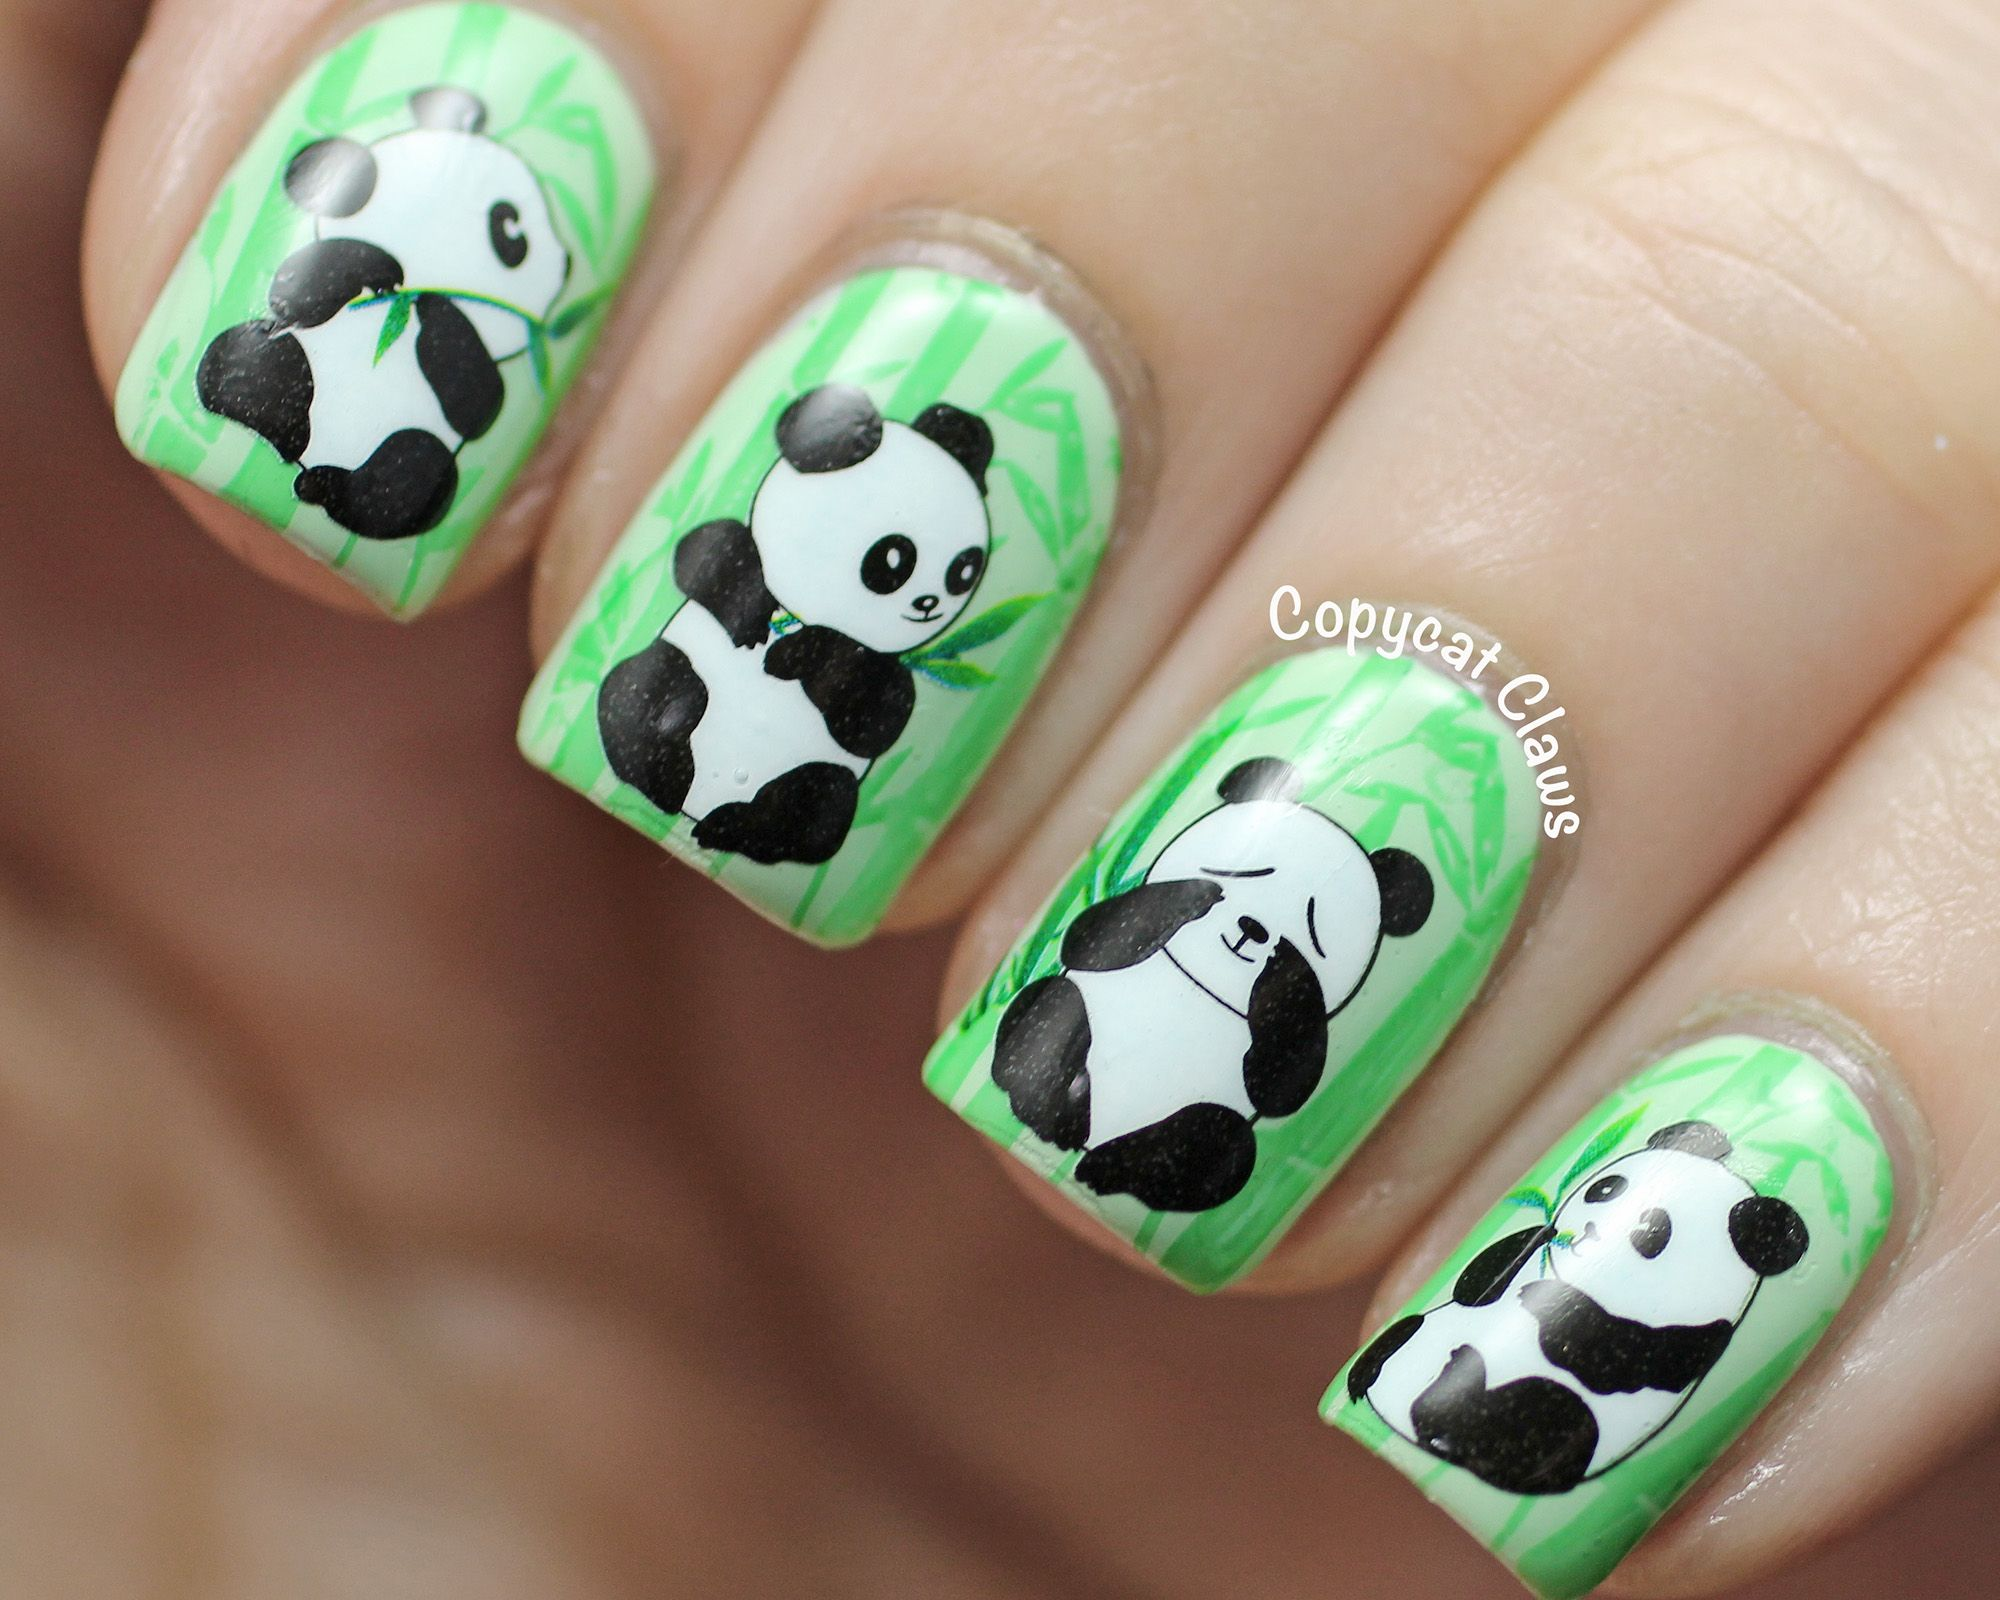 Copycat claws panda nail nails nailart nails pinterest image via panda nail art designs image via how to create cute panda nail art image via panda nails image via nail art water decals transfers sticker lovely prinsesfo Choice Image